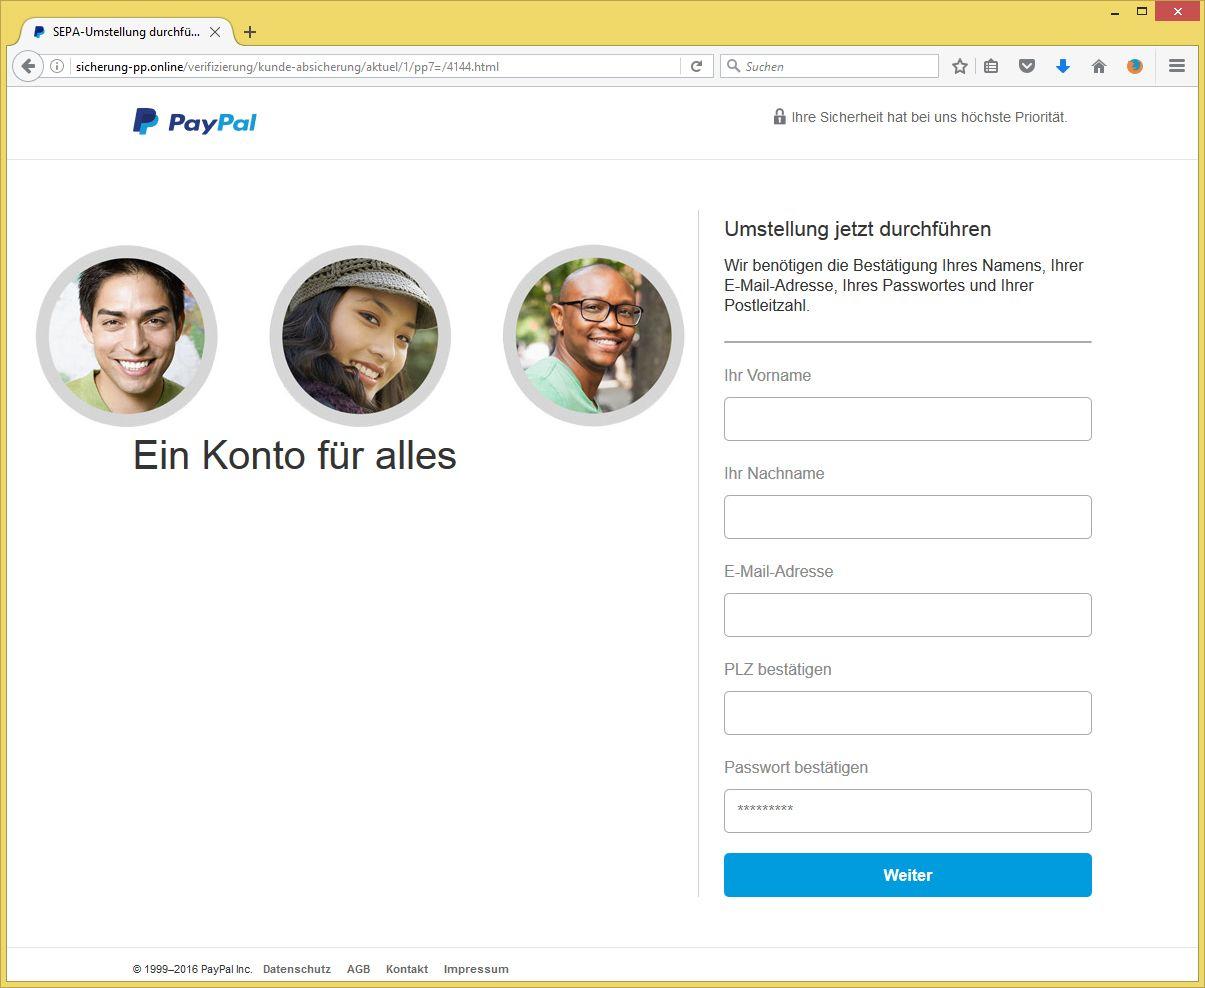 paypal auf deutsch umstellen